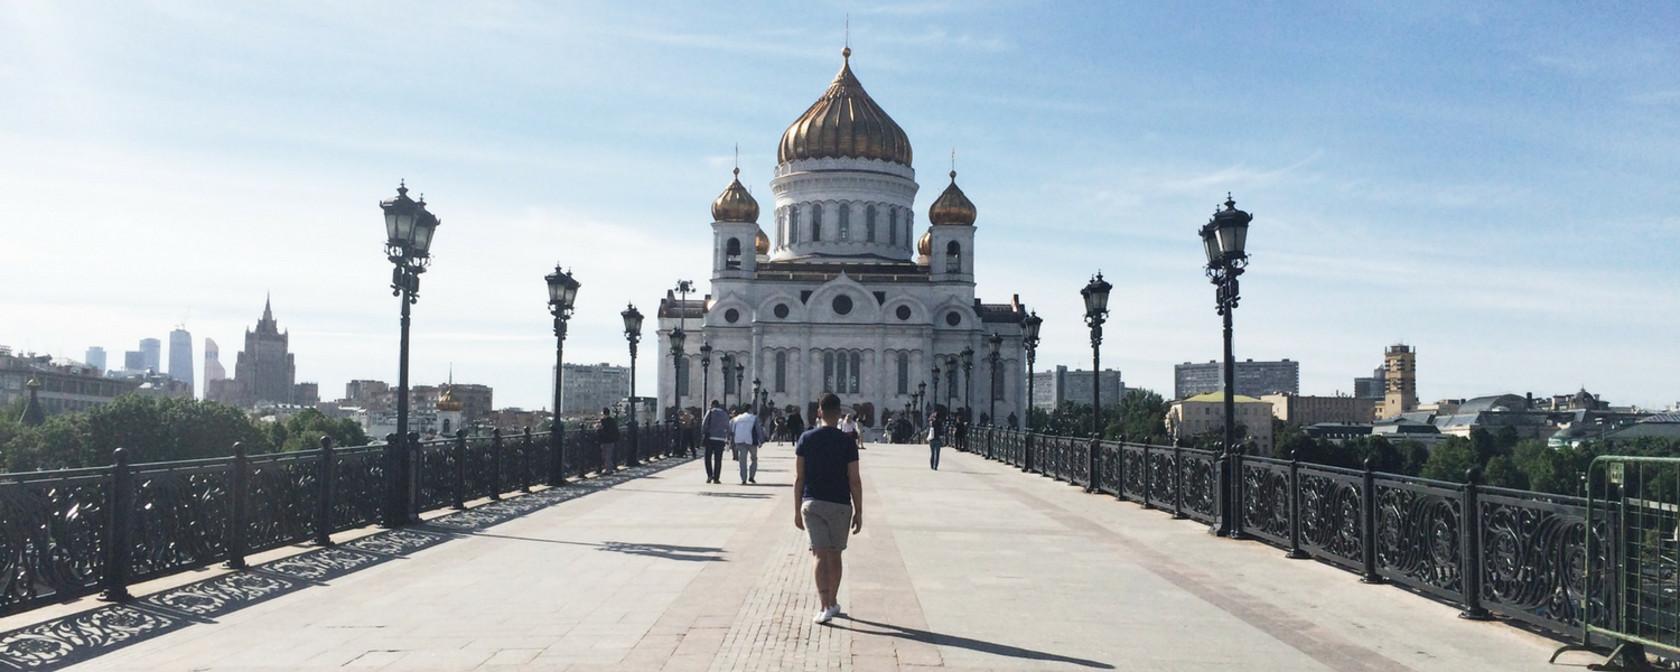 Поездка на выходные в Москву